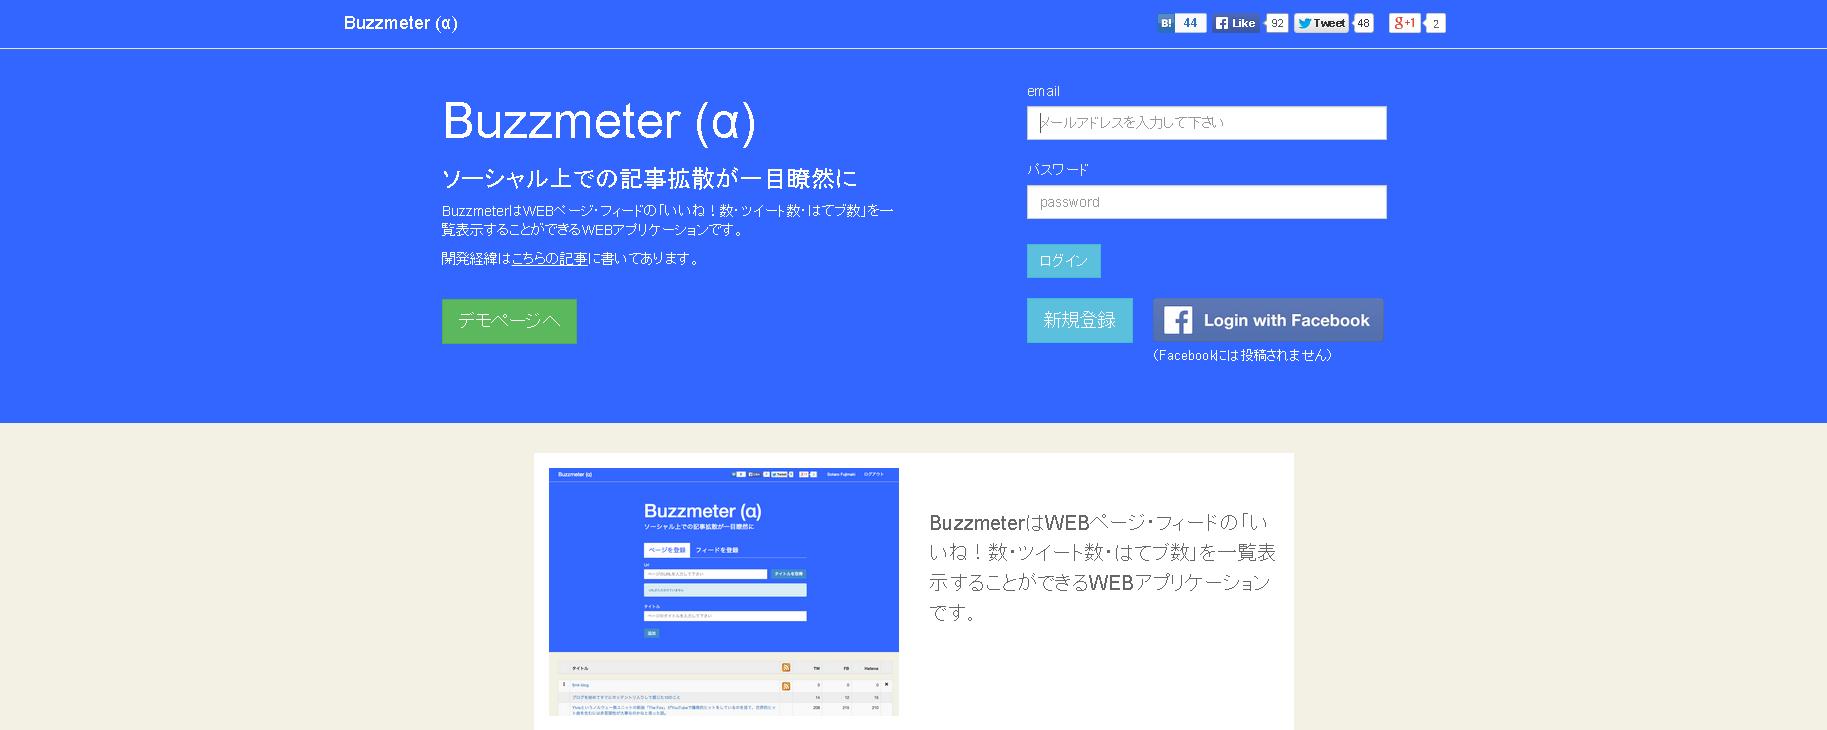 buzzmeter_2